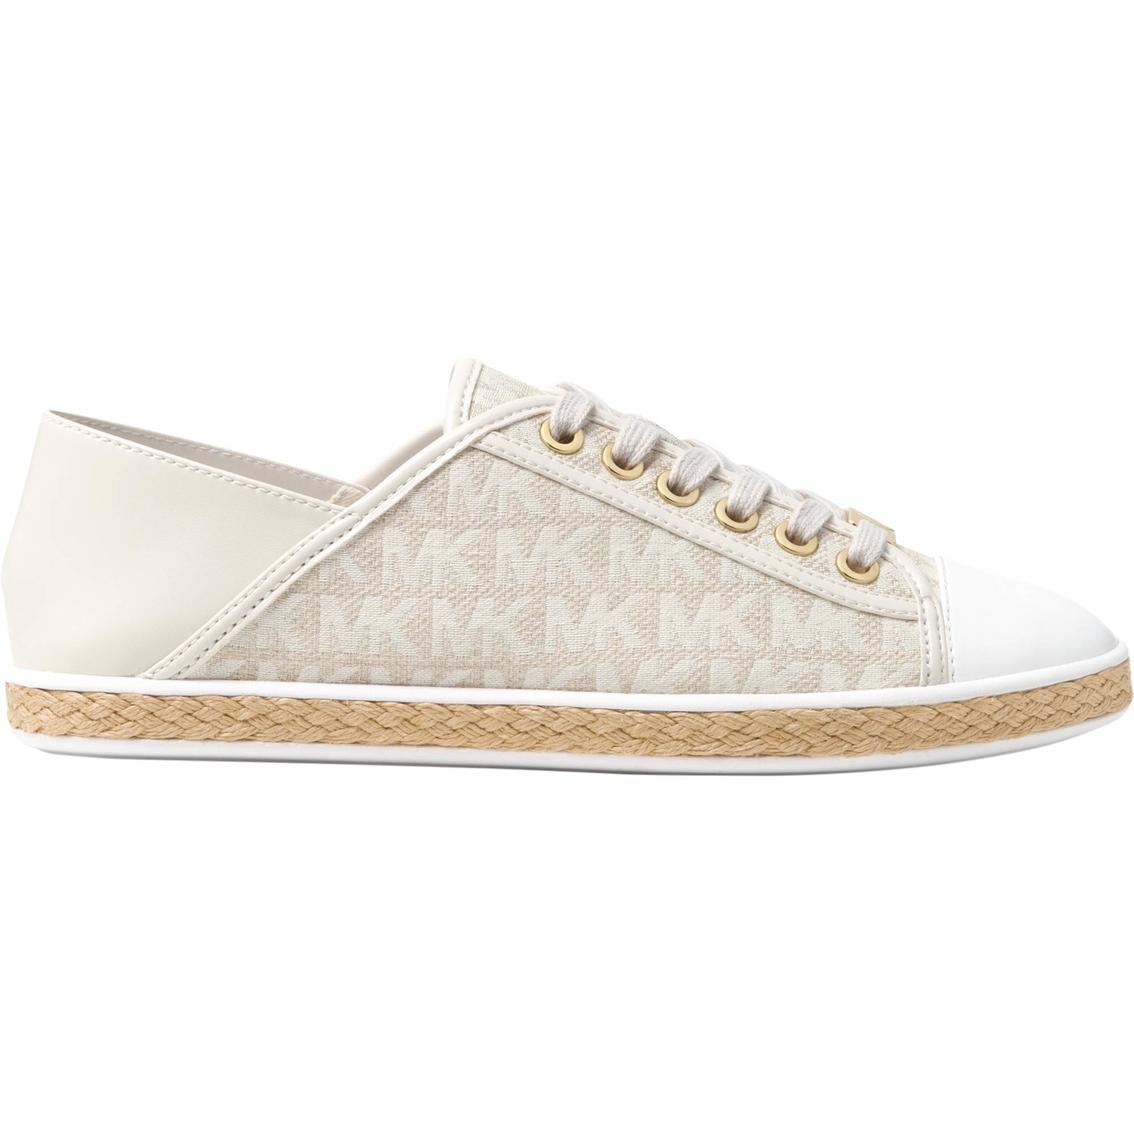 e283671fbb3f Michael Kors Signature Jacquard Leather Kristy Sneakers